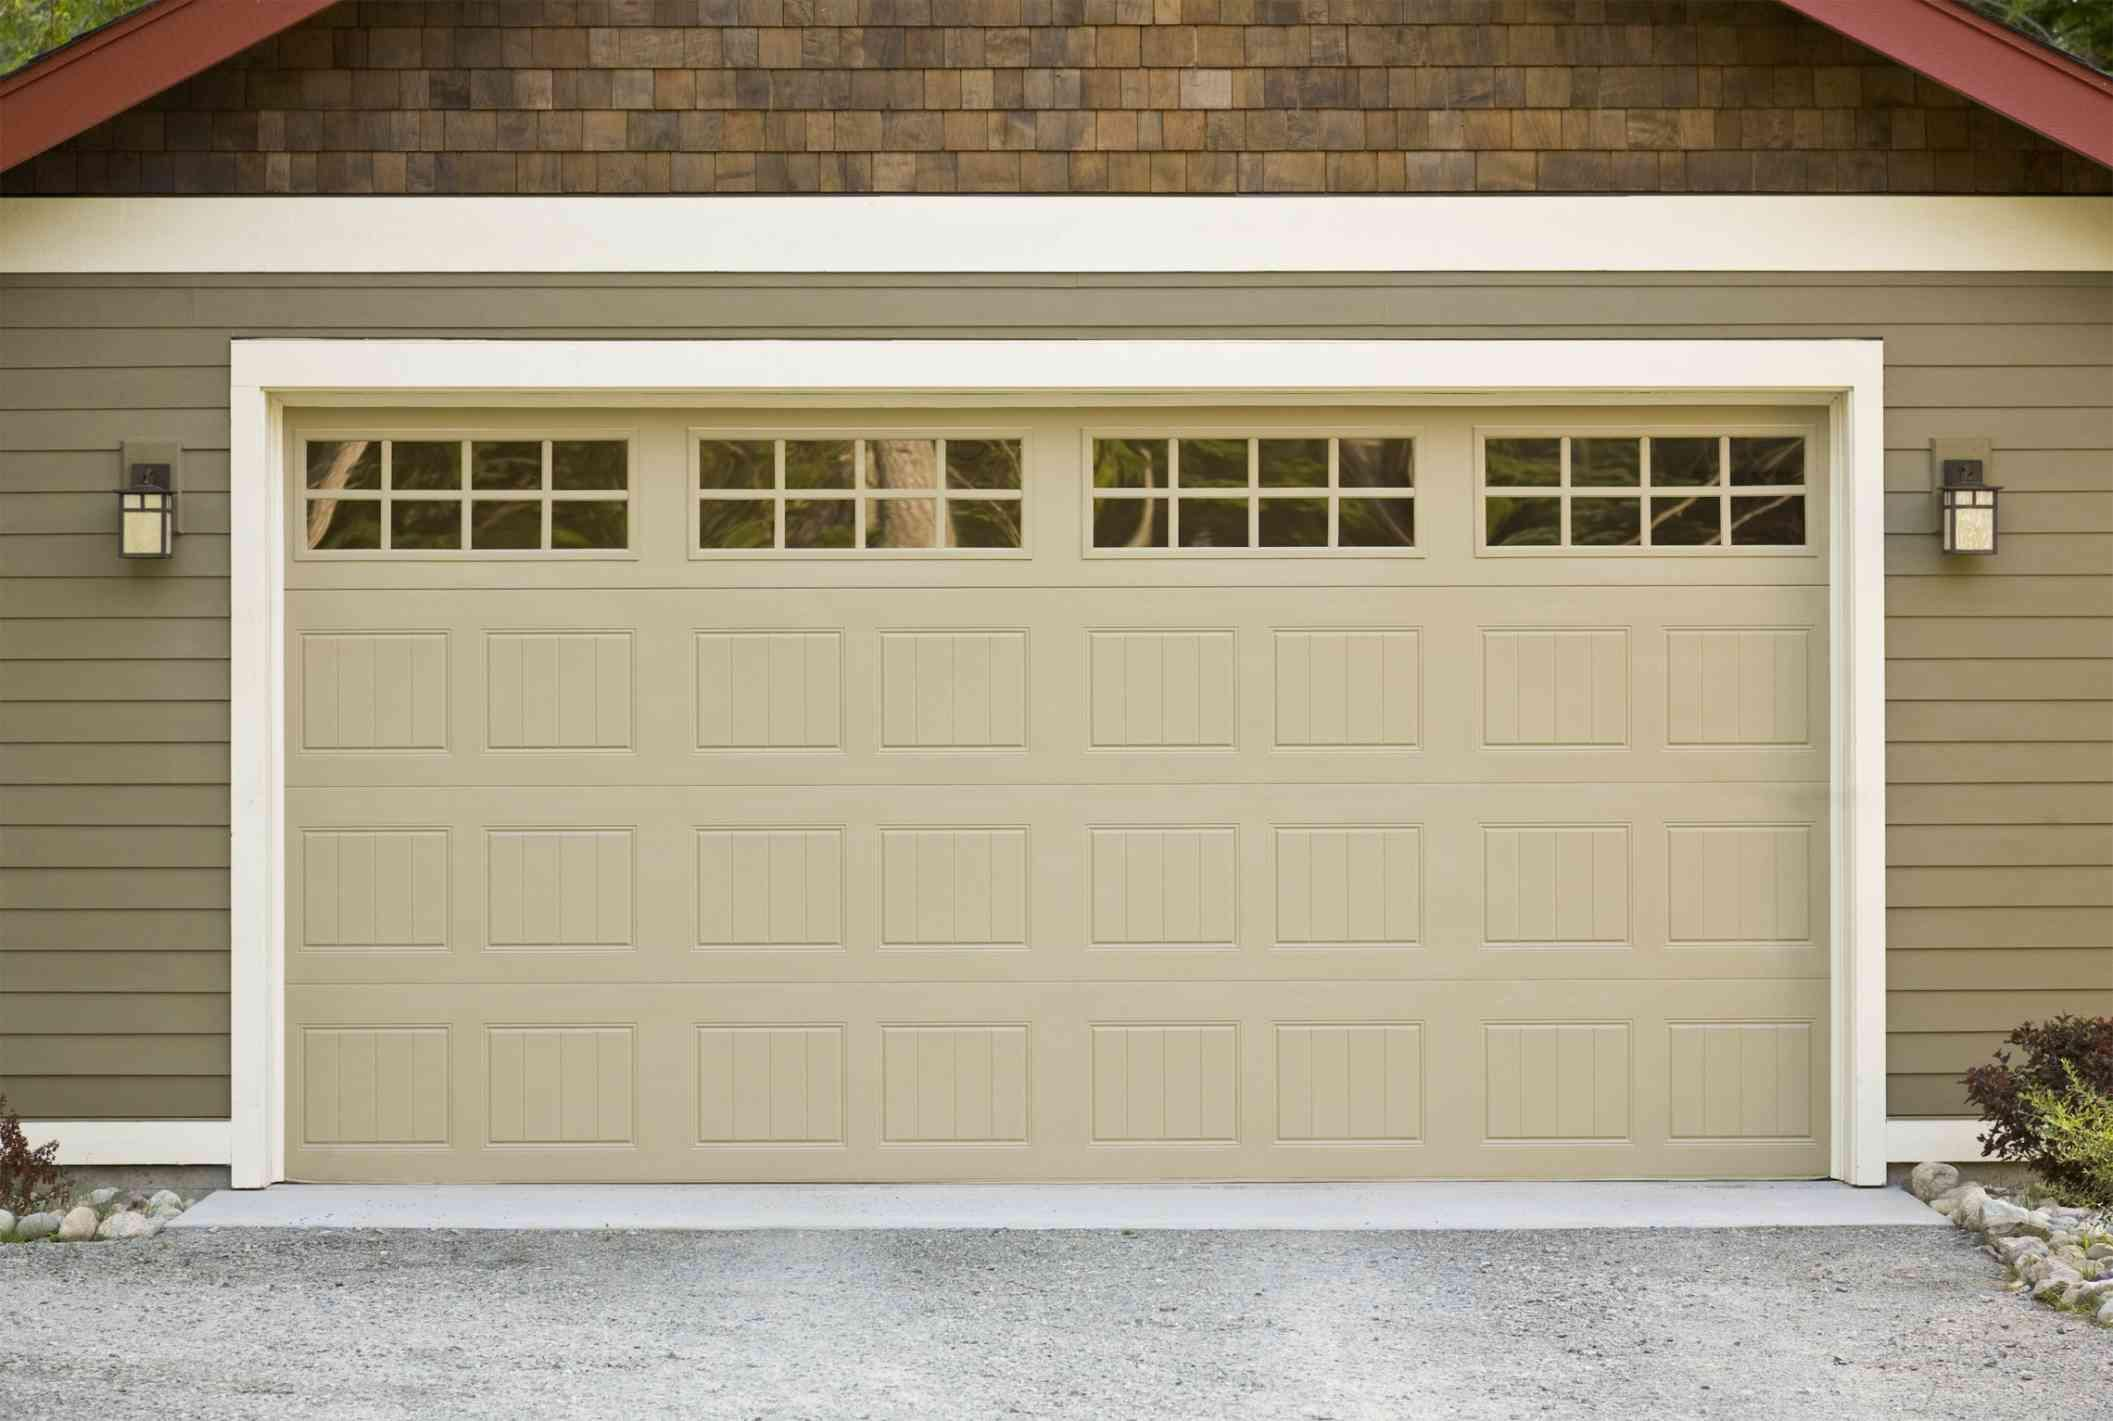 Replacing Your Garage Door We Answer Your Top Cost Concerns Garage Door Design Garage Door Cost Garage Insulation